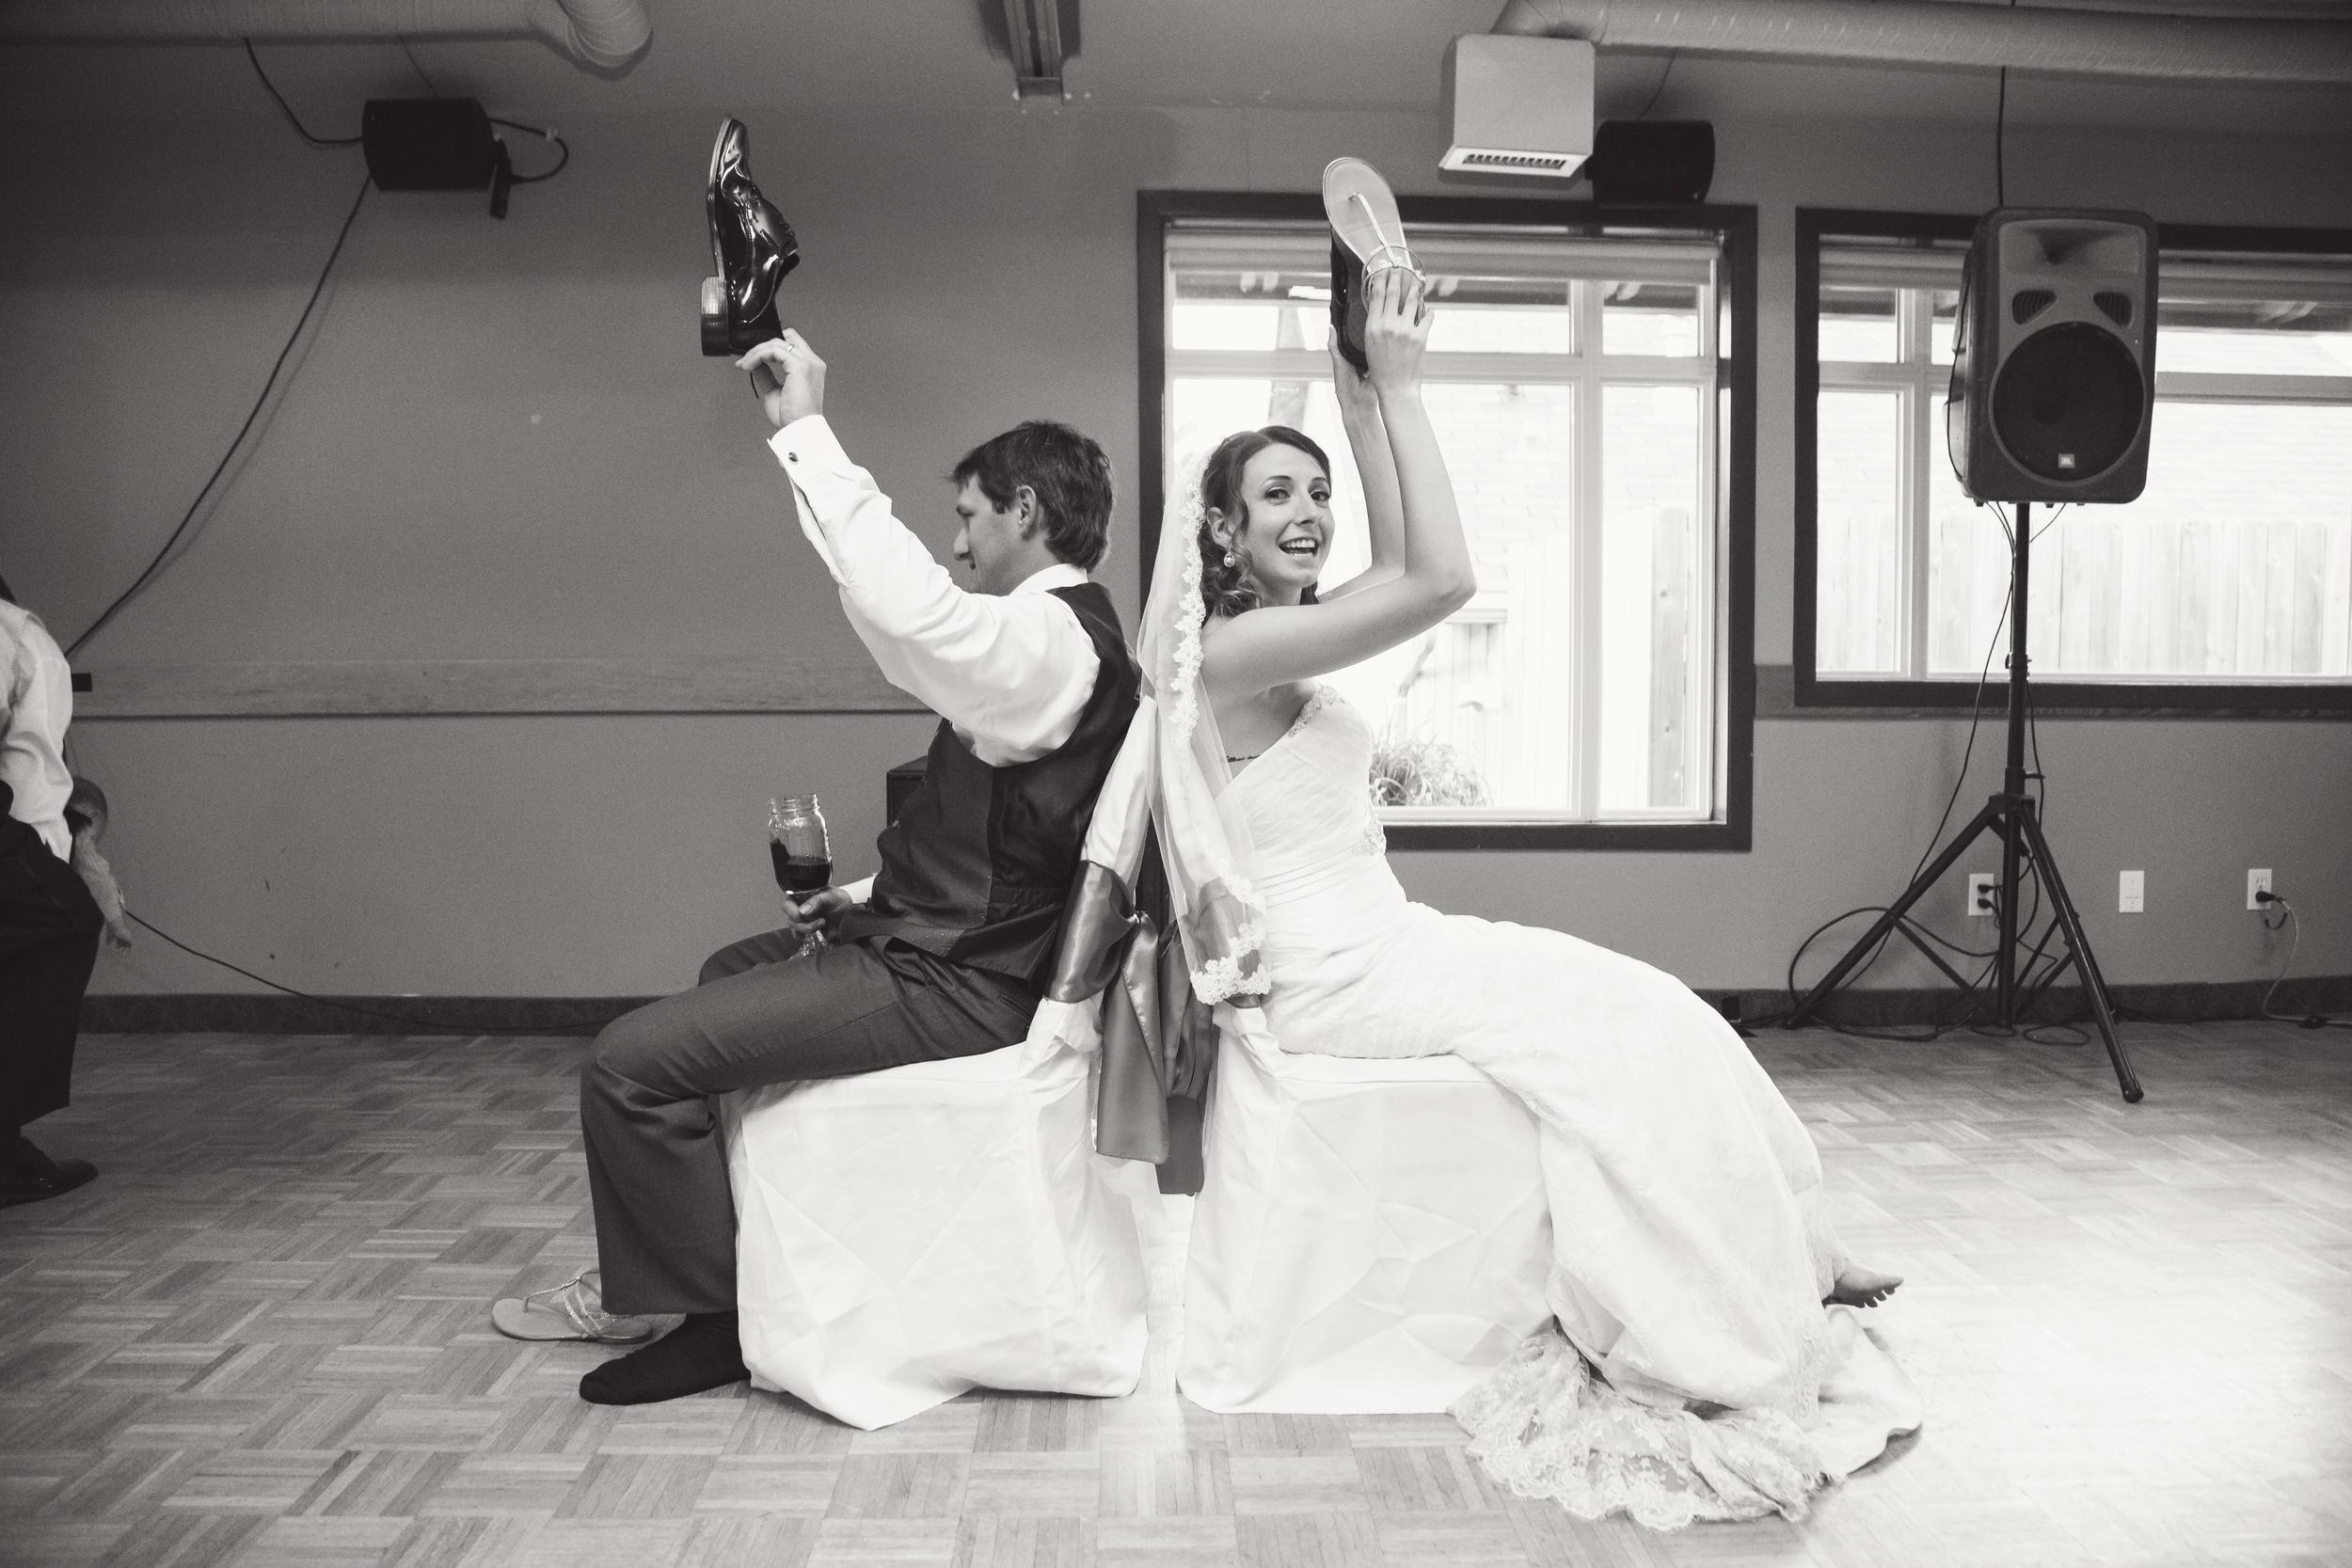 TJ_Wedding_504_bw.jpg